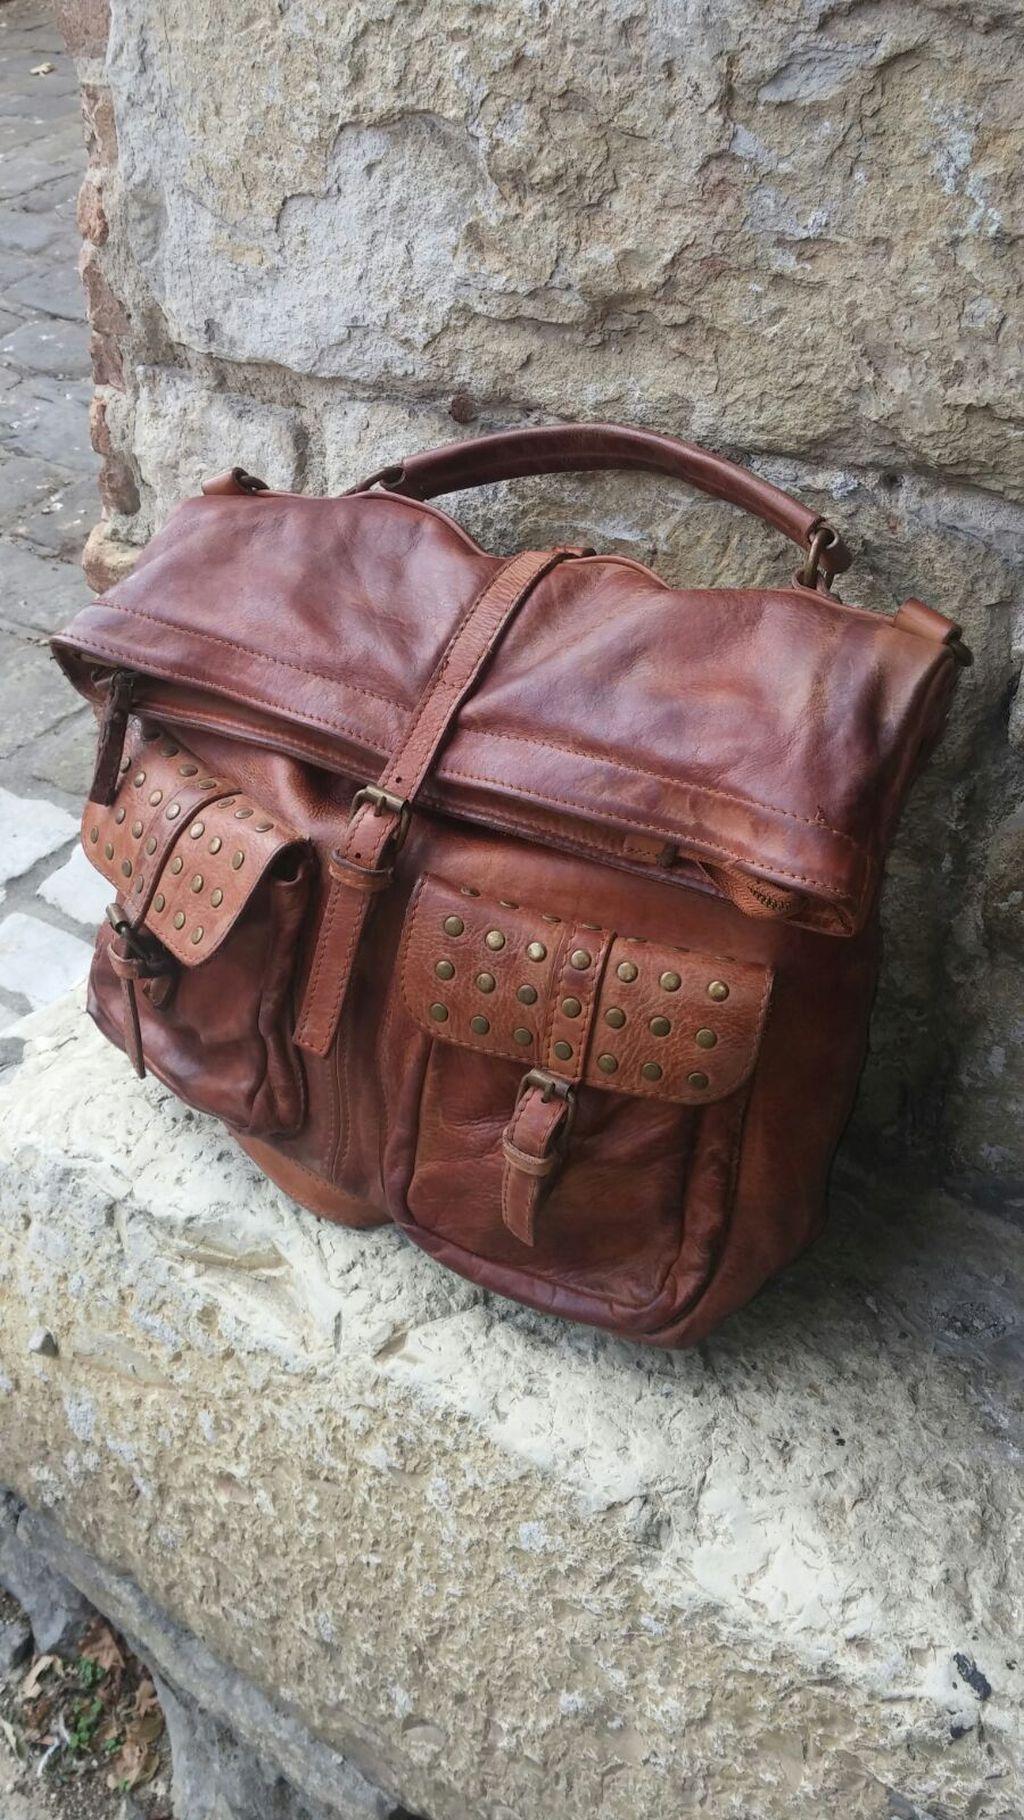 FL3010-borsa-per-il-tempo-libero-messenger-bag-1